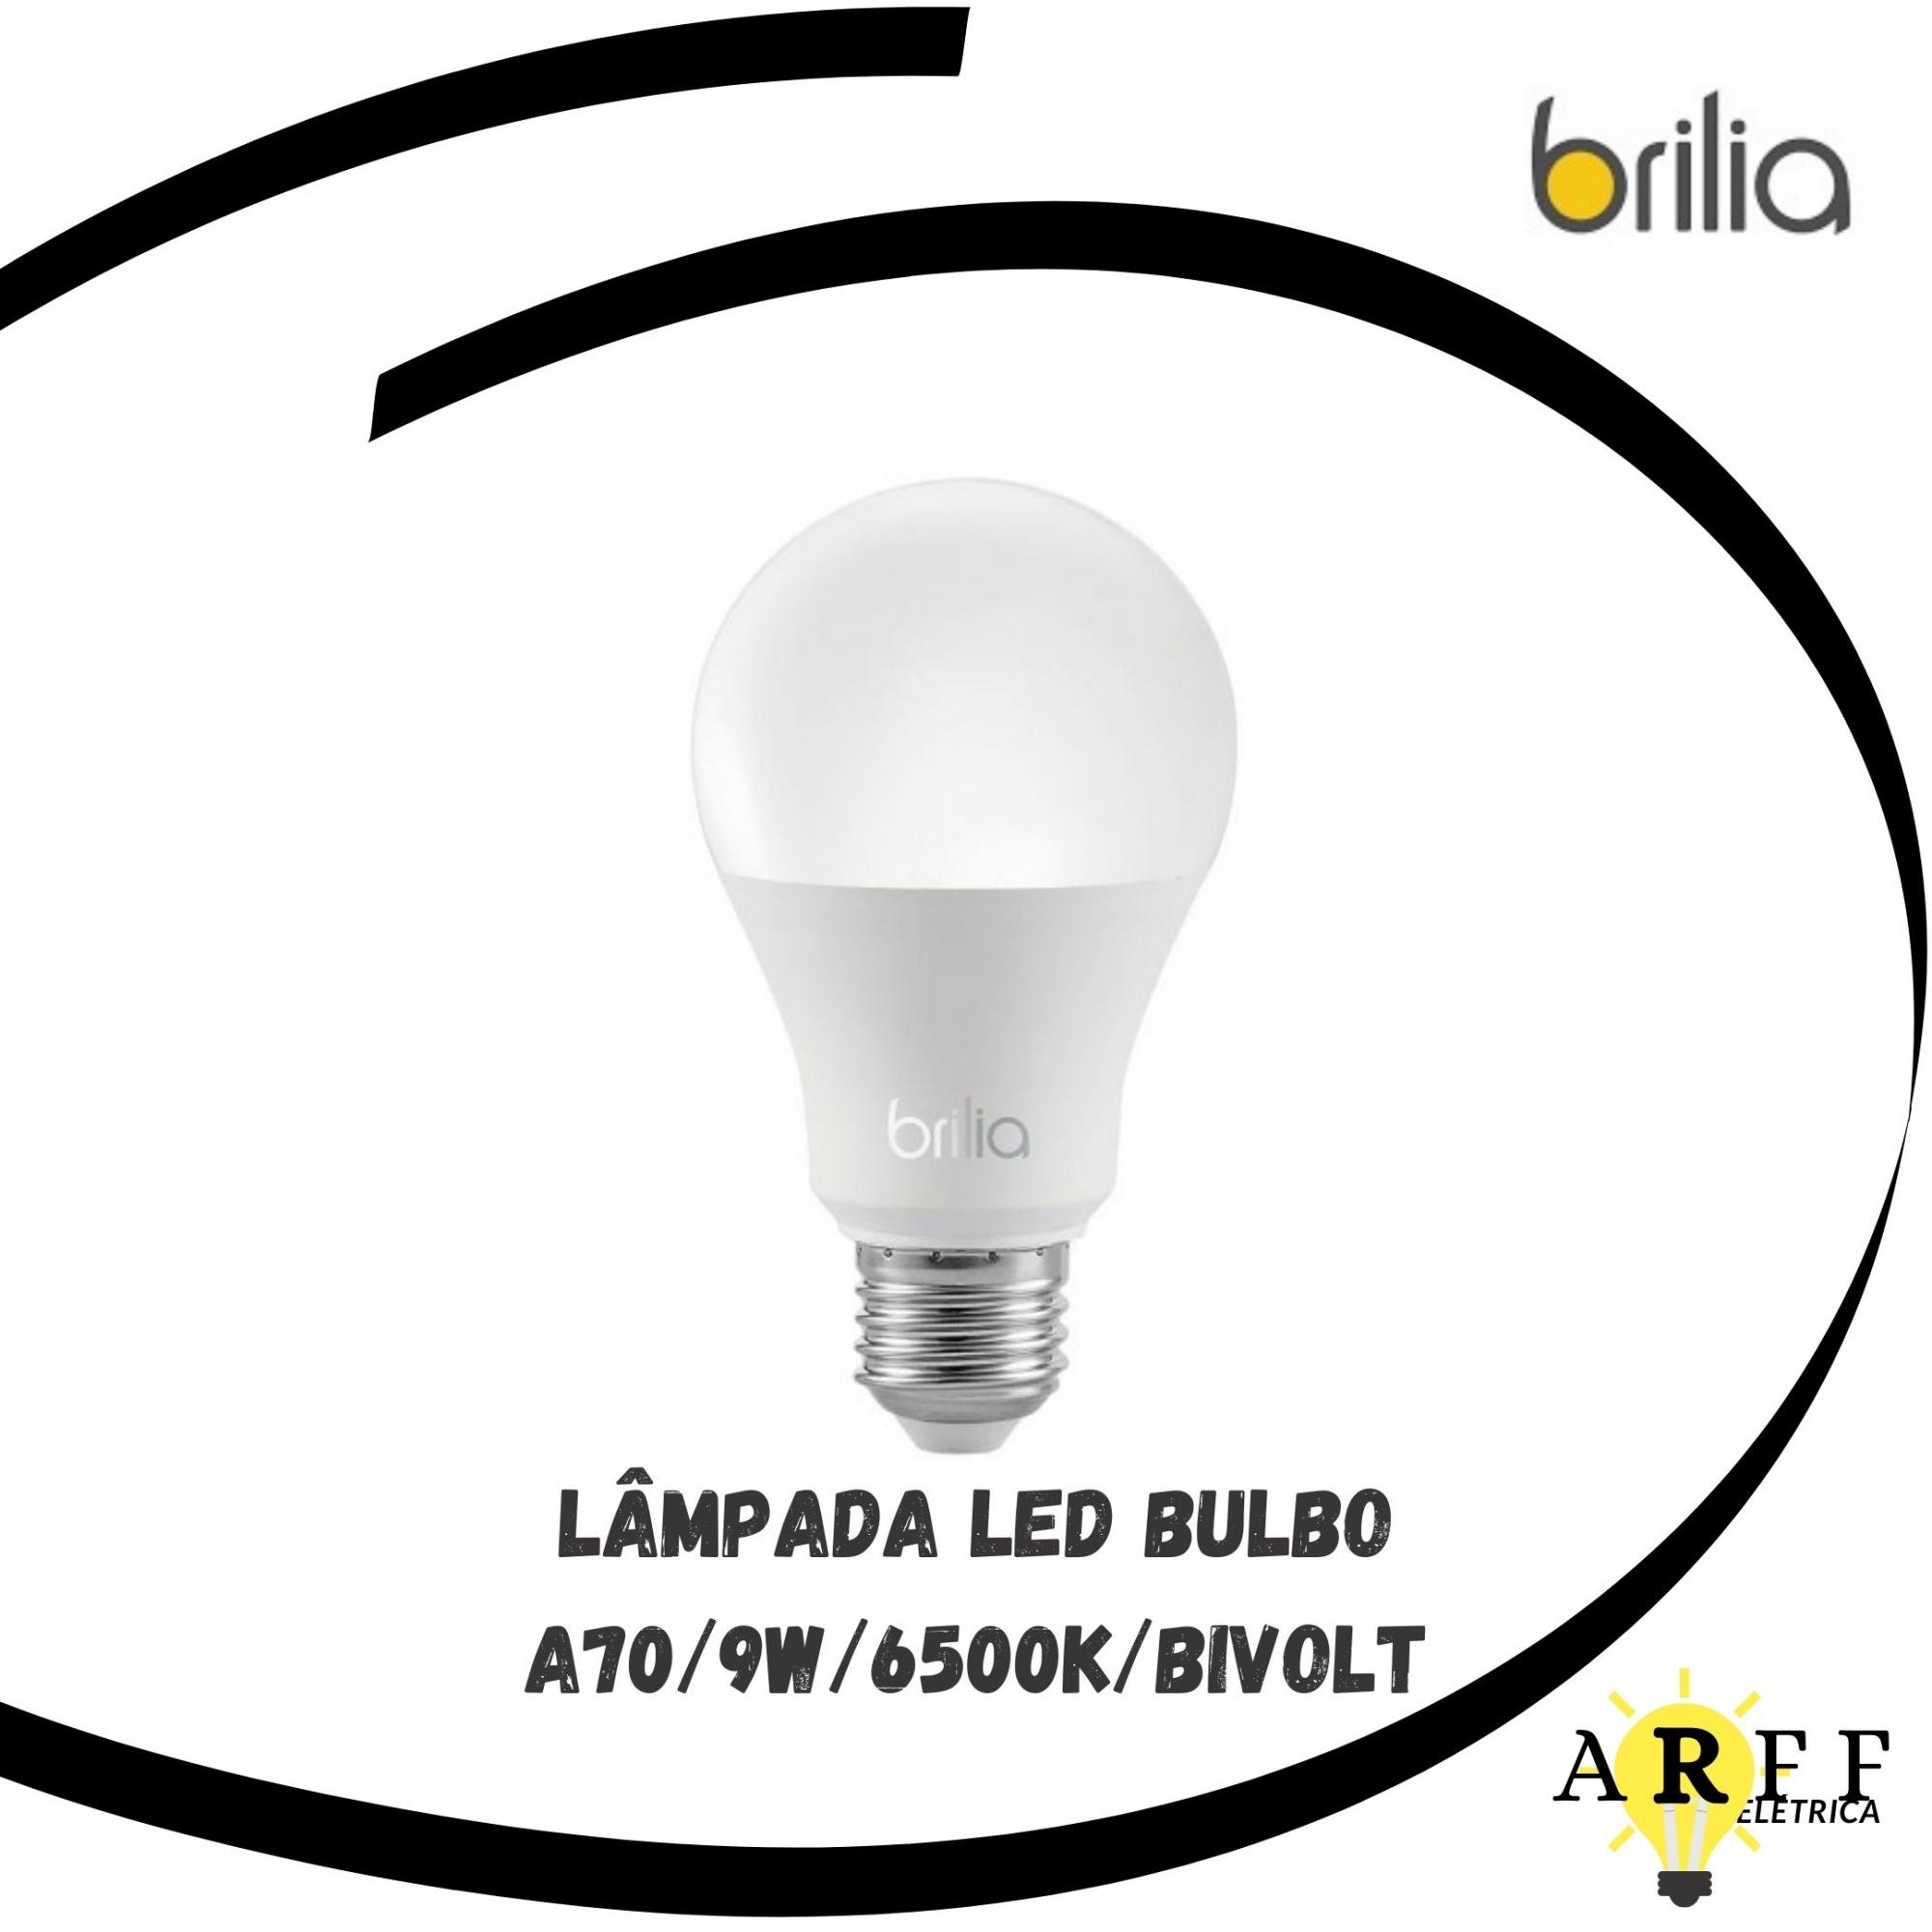 Lâmpada Led Bulbo A70 / 9W / 6500k Bivolt Brilia